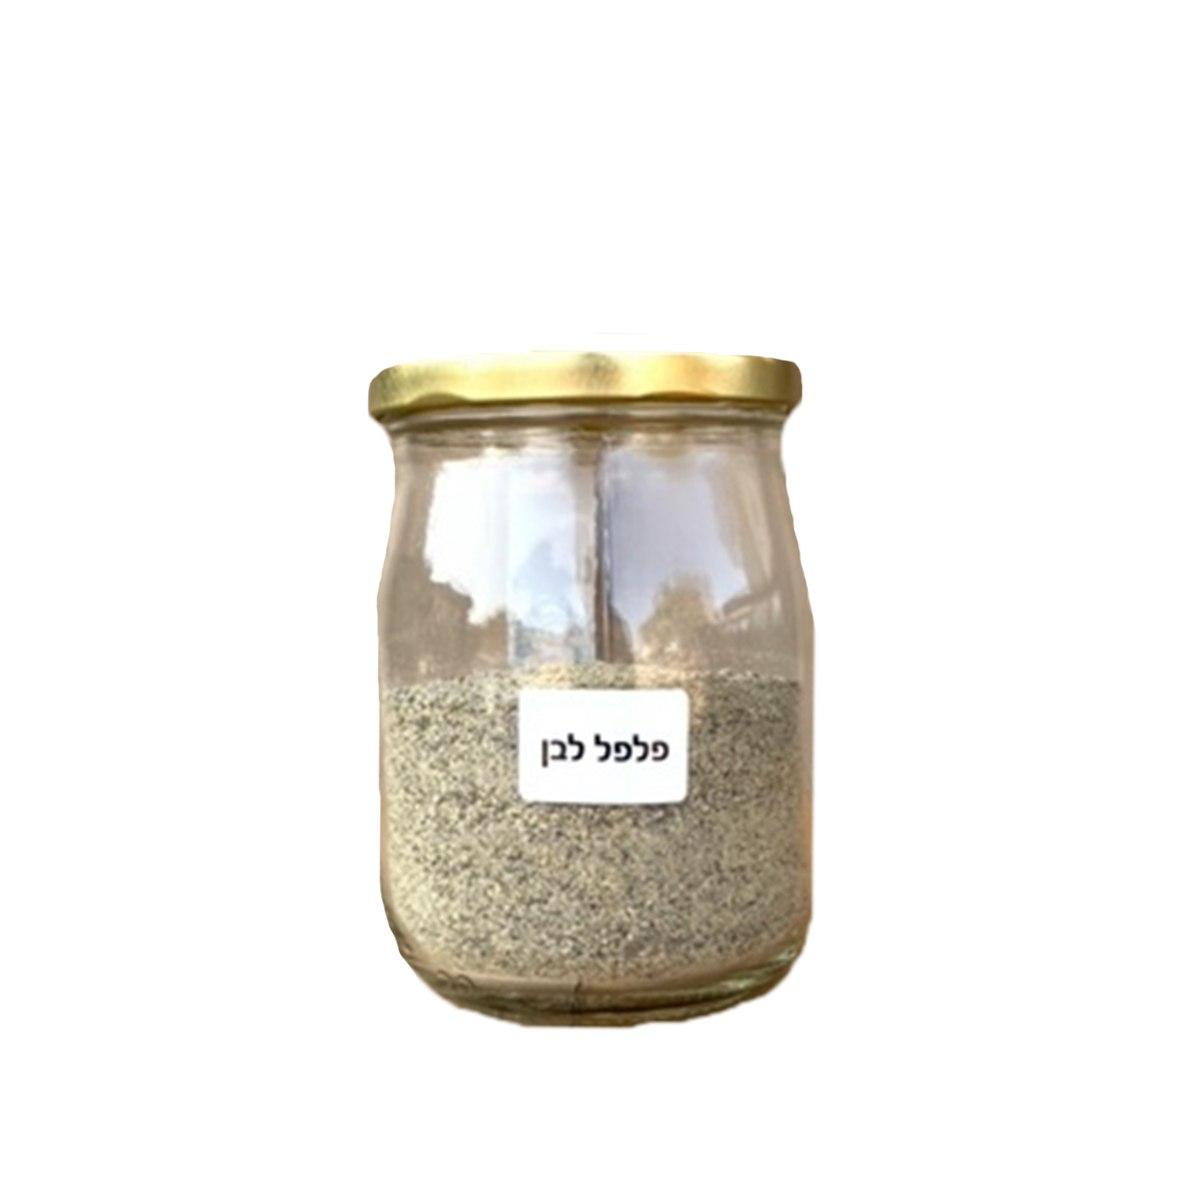 צנצנת פלפל לבן 200 גרם